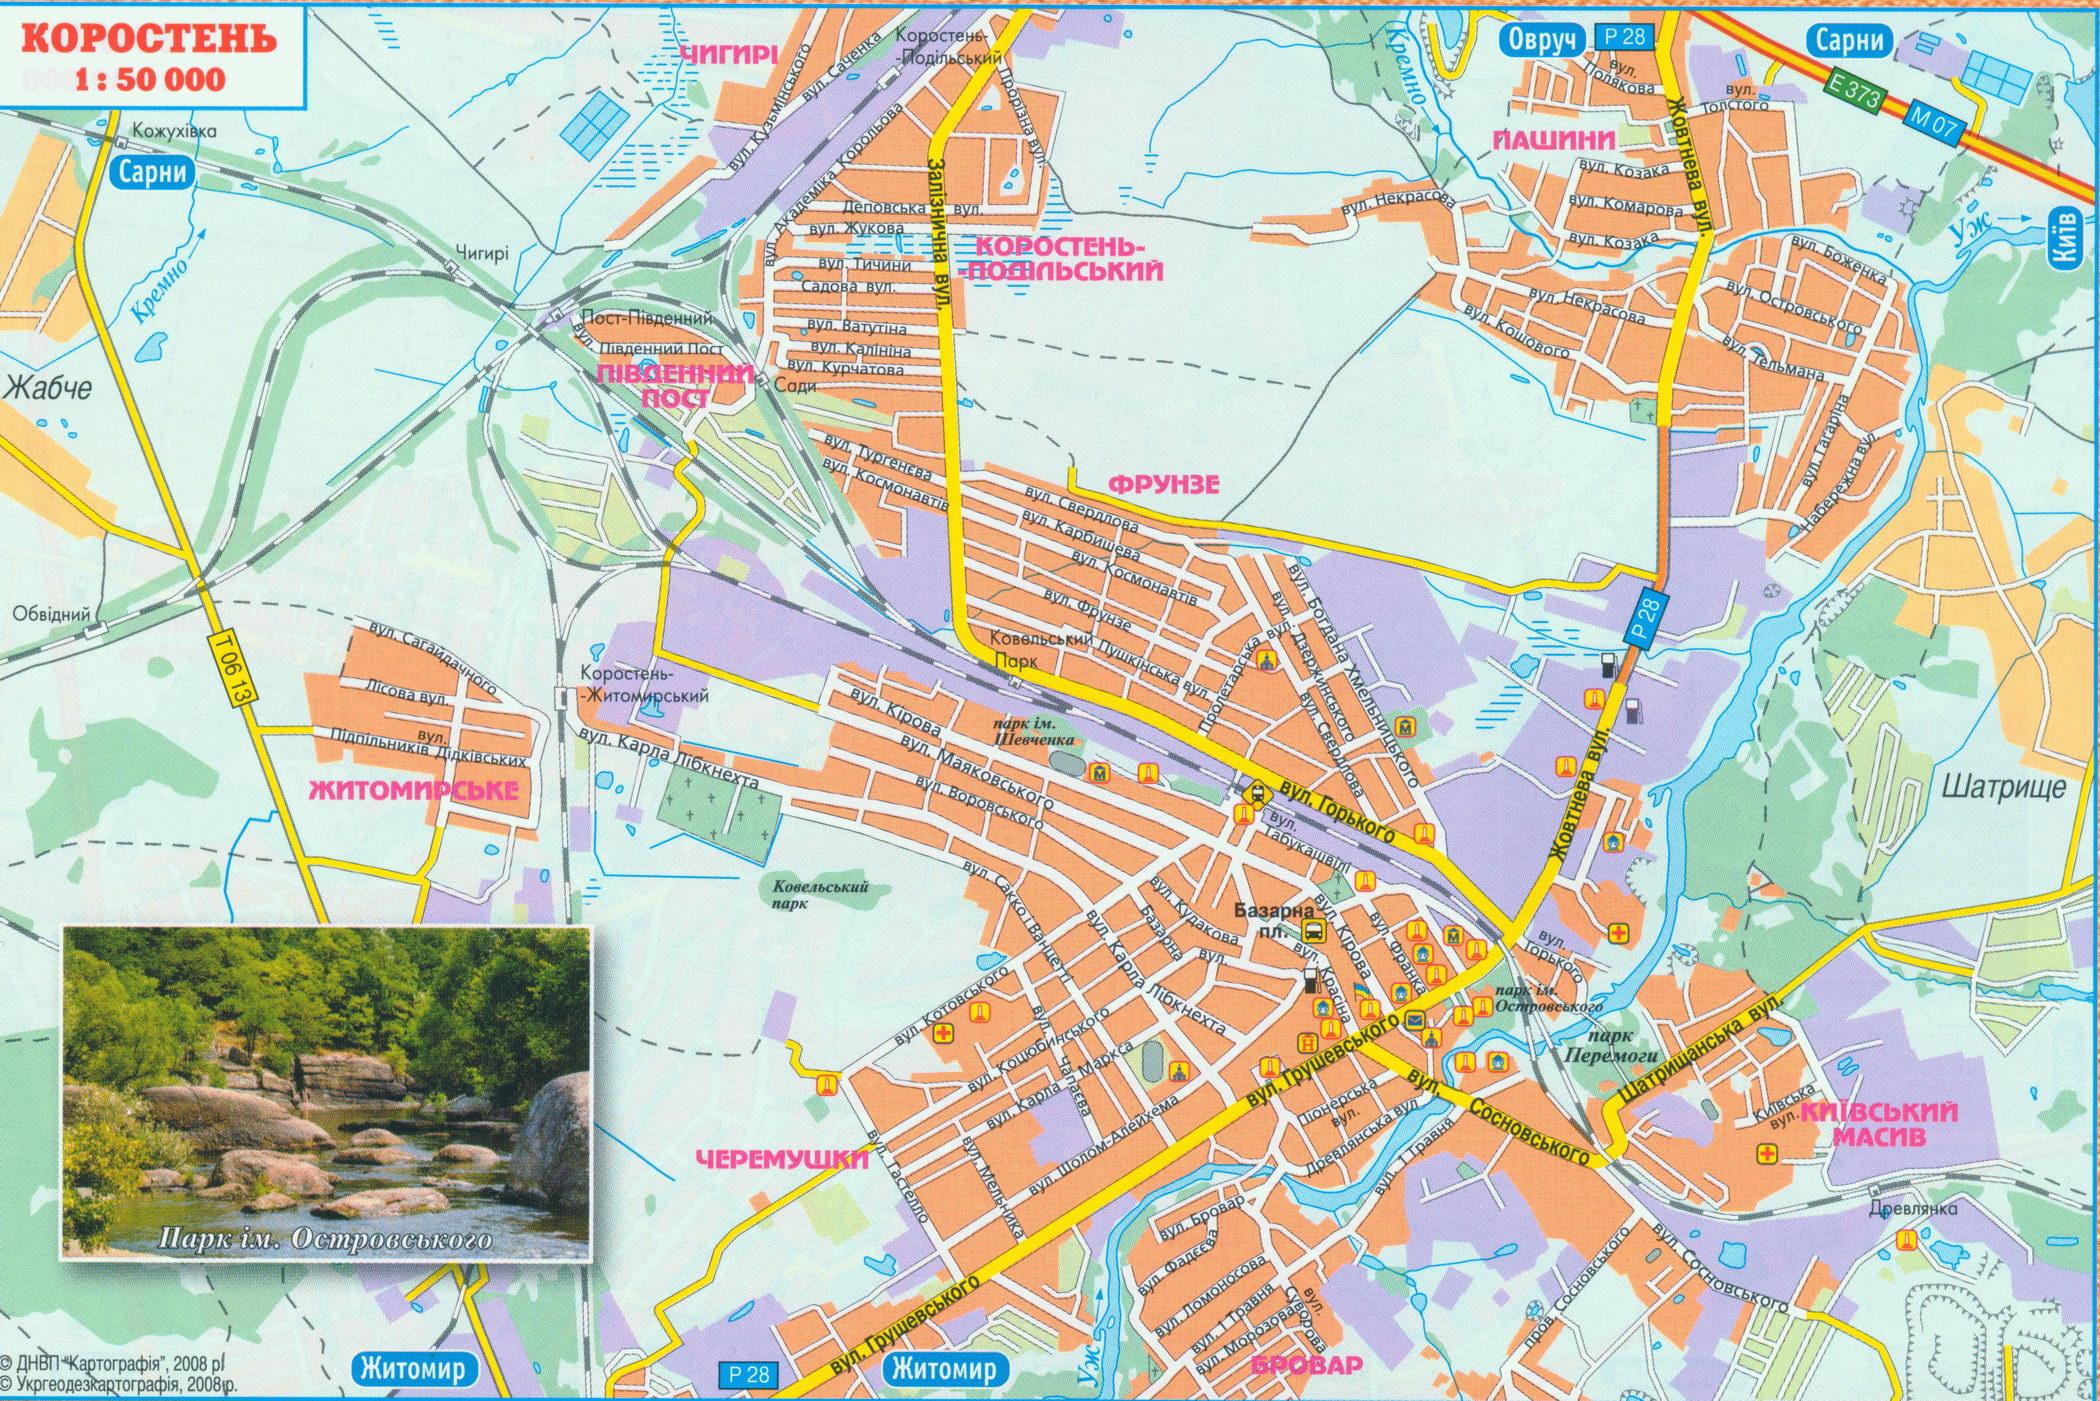 Карта города Коростень